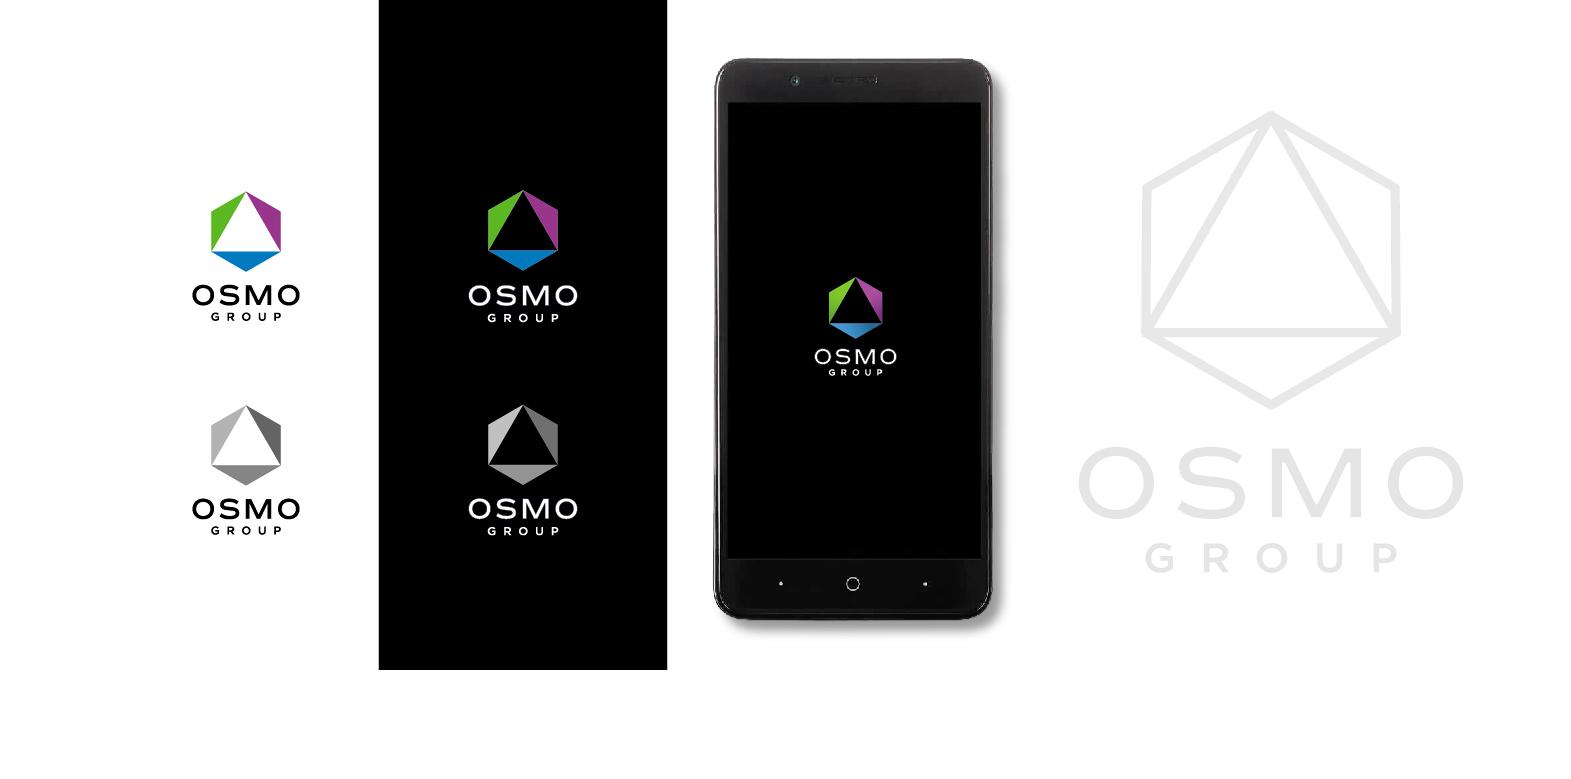 Создание логотипа для строительной компании OSMO group  фото f_11059b67125351a9.jpg